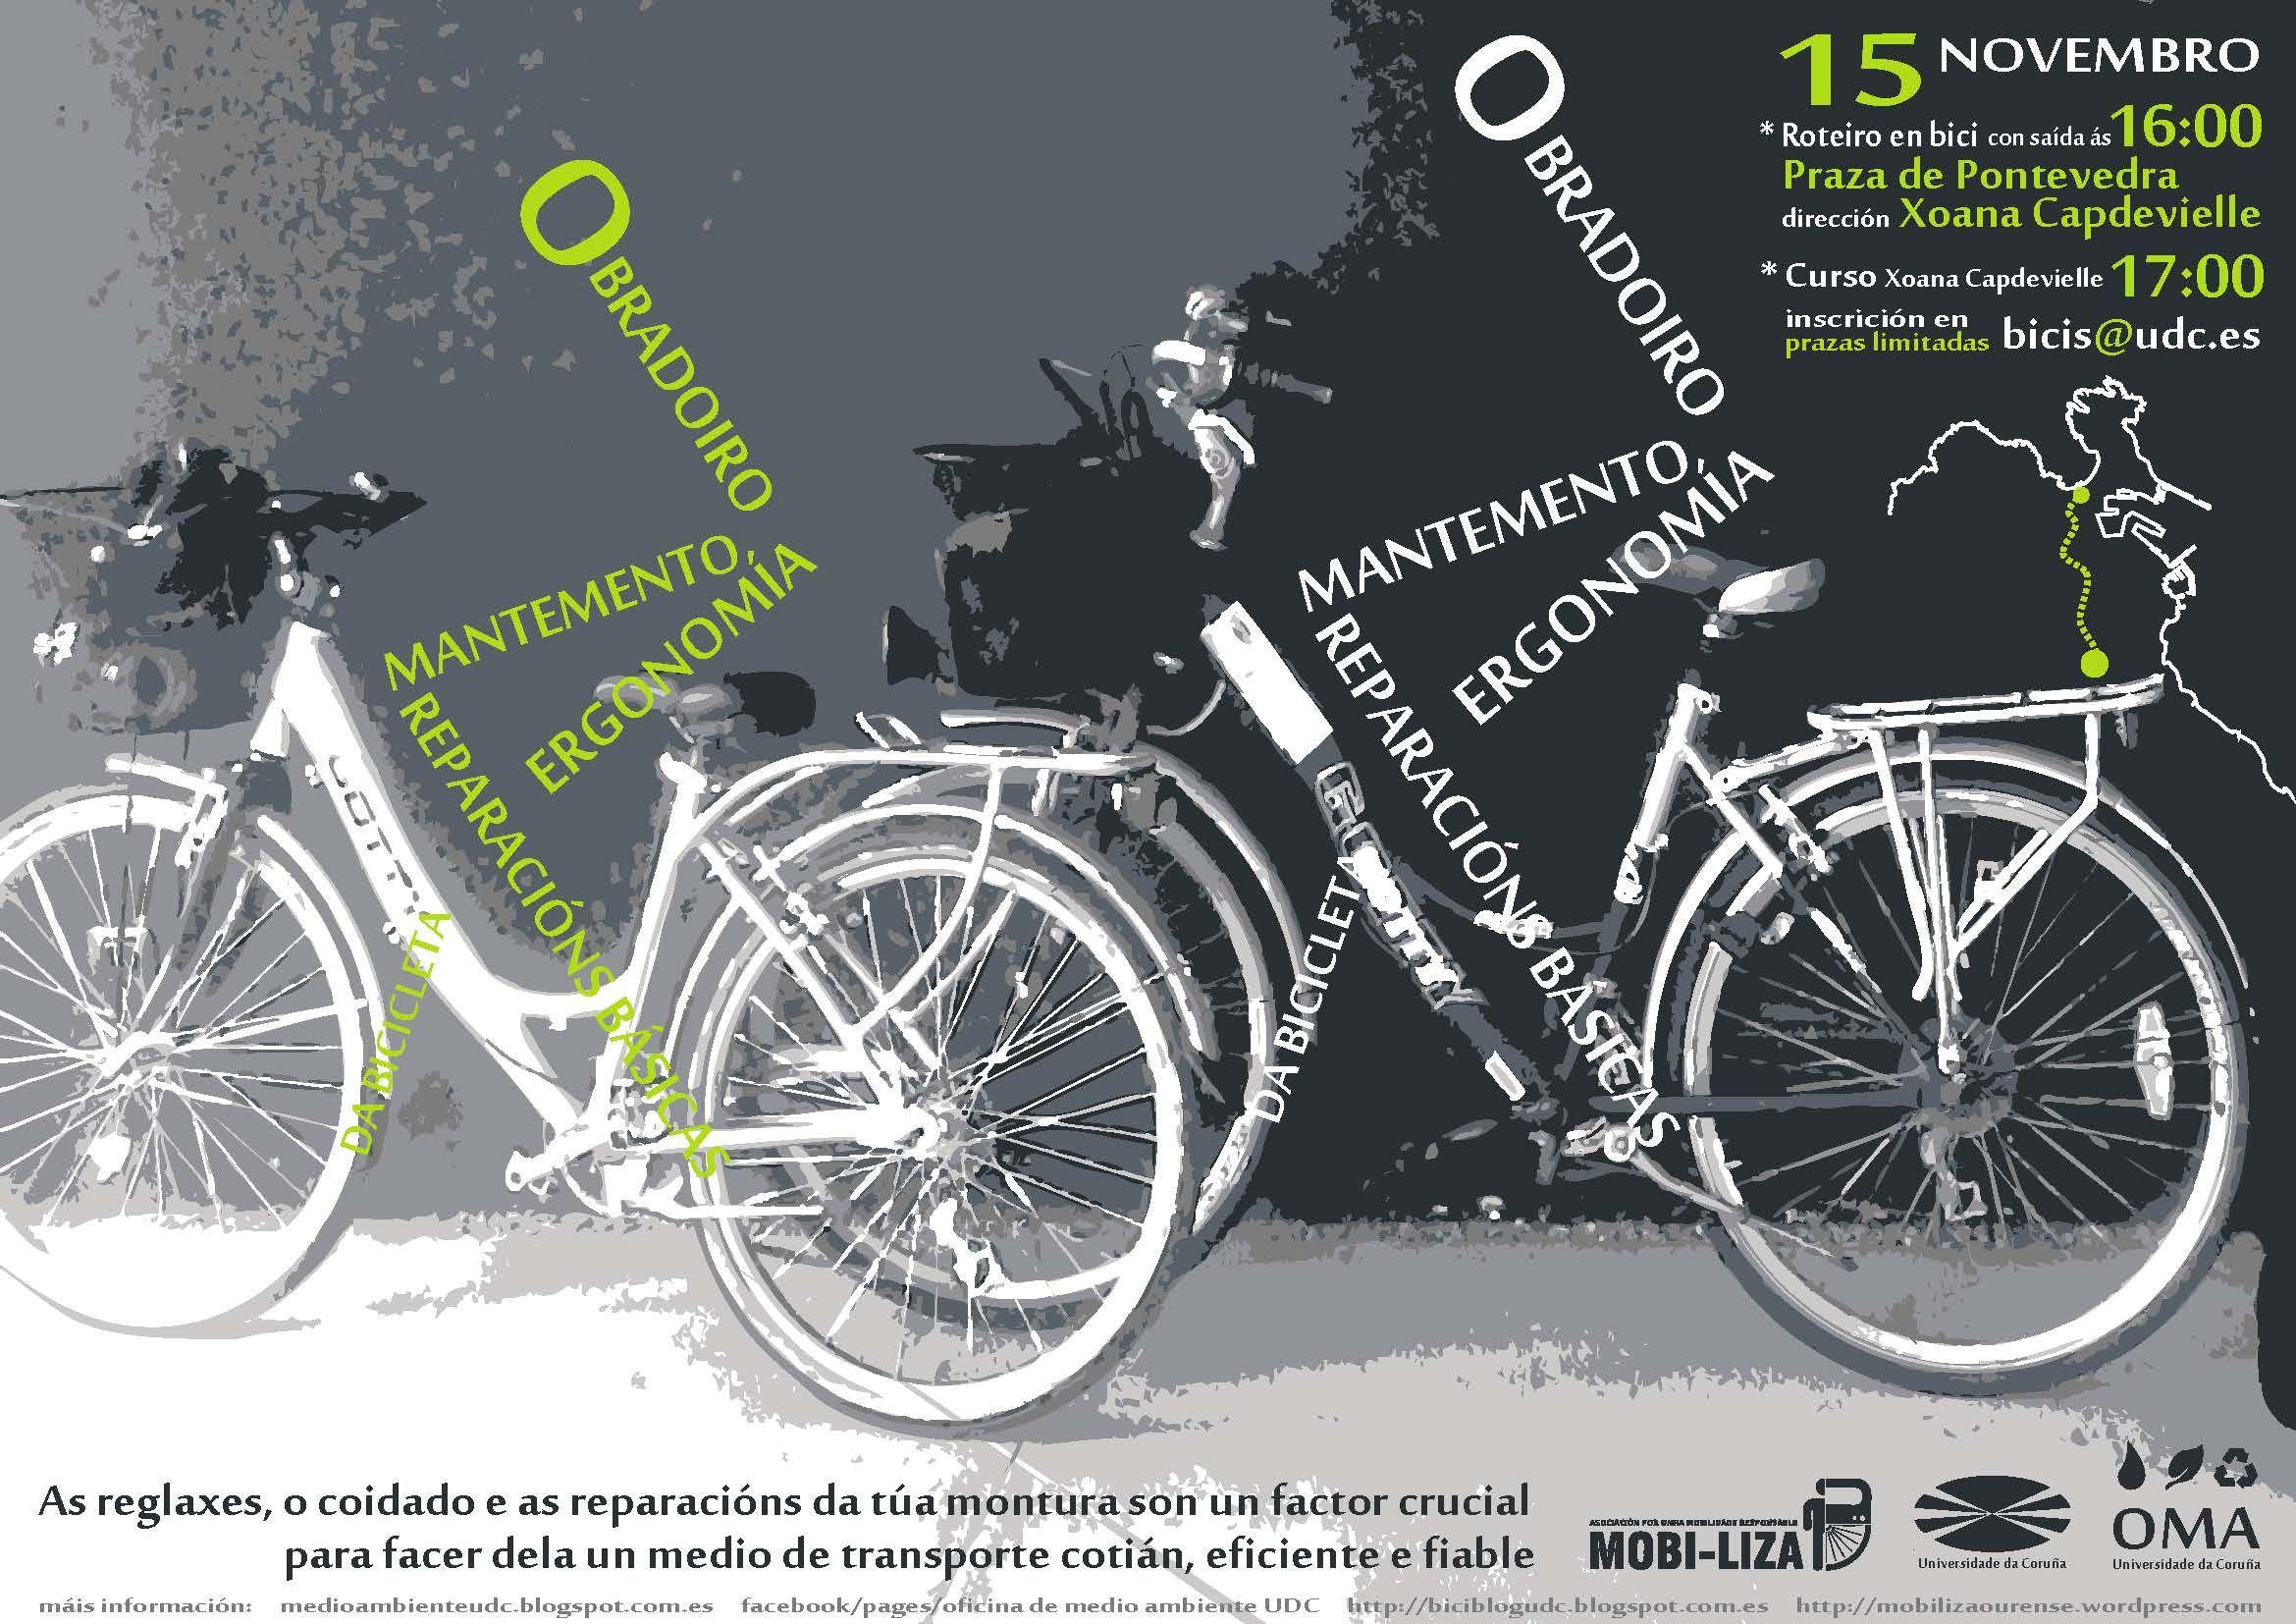 Universidade da Coruña: Obradoiro de mantemento, ergonomía ... - photo#40